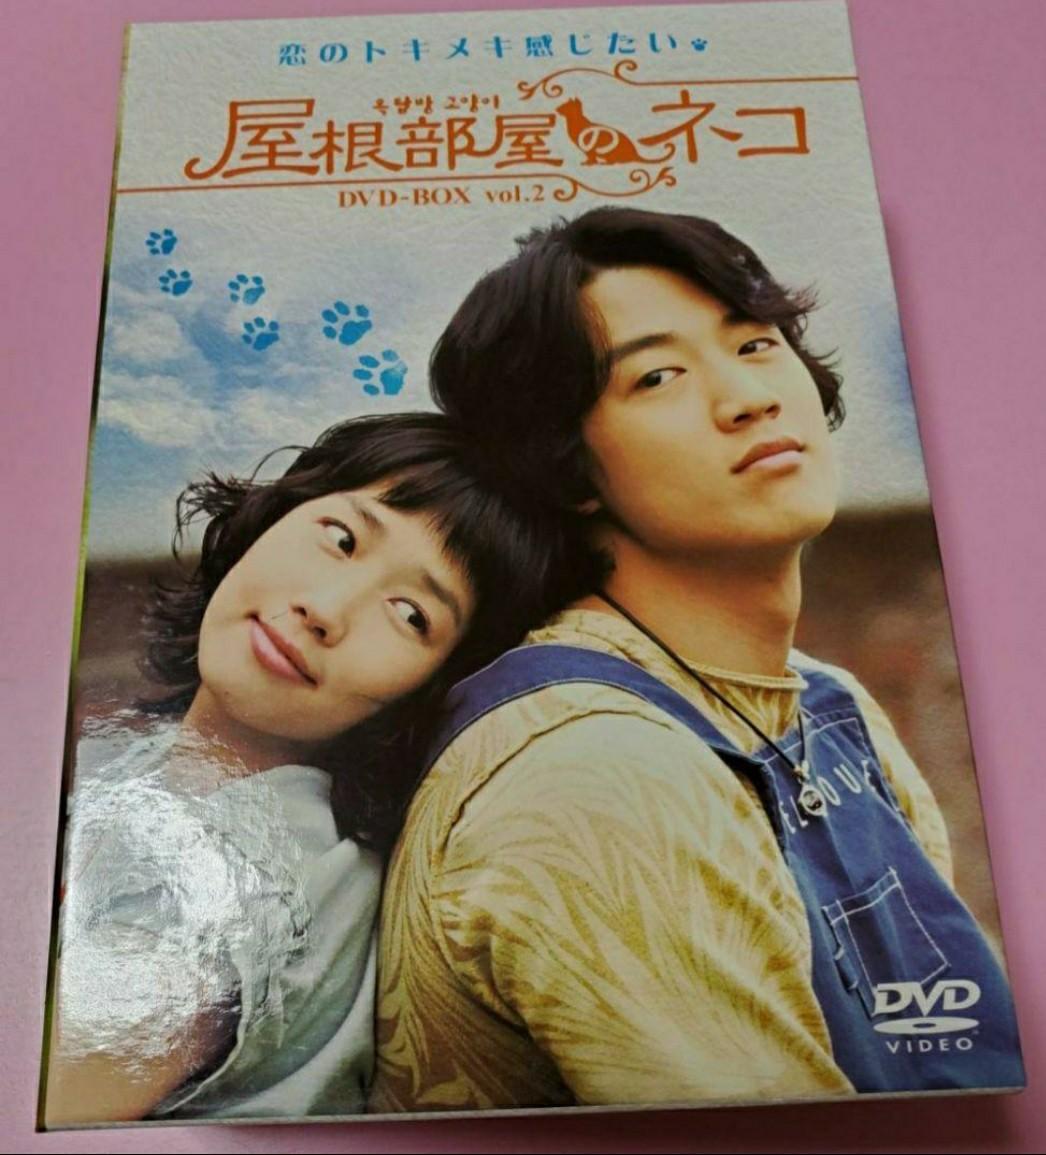 韓国ドラマ 屋根部屋のネコ DVD BOX ①と②のセット 特典映像付き